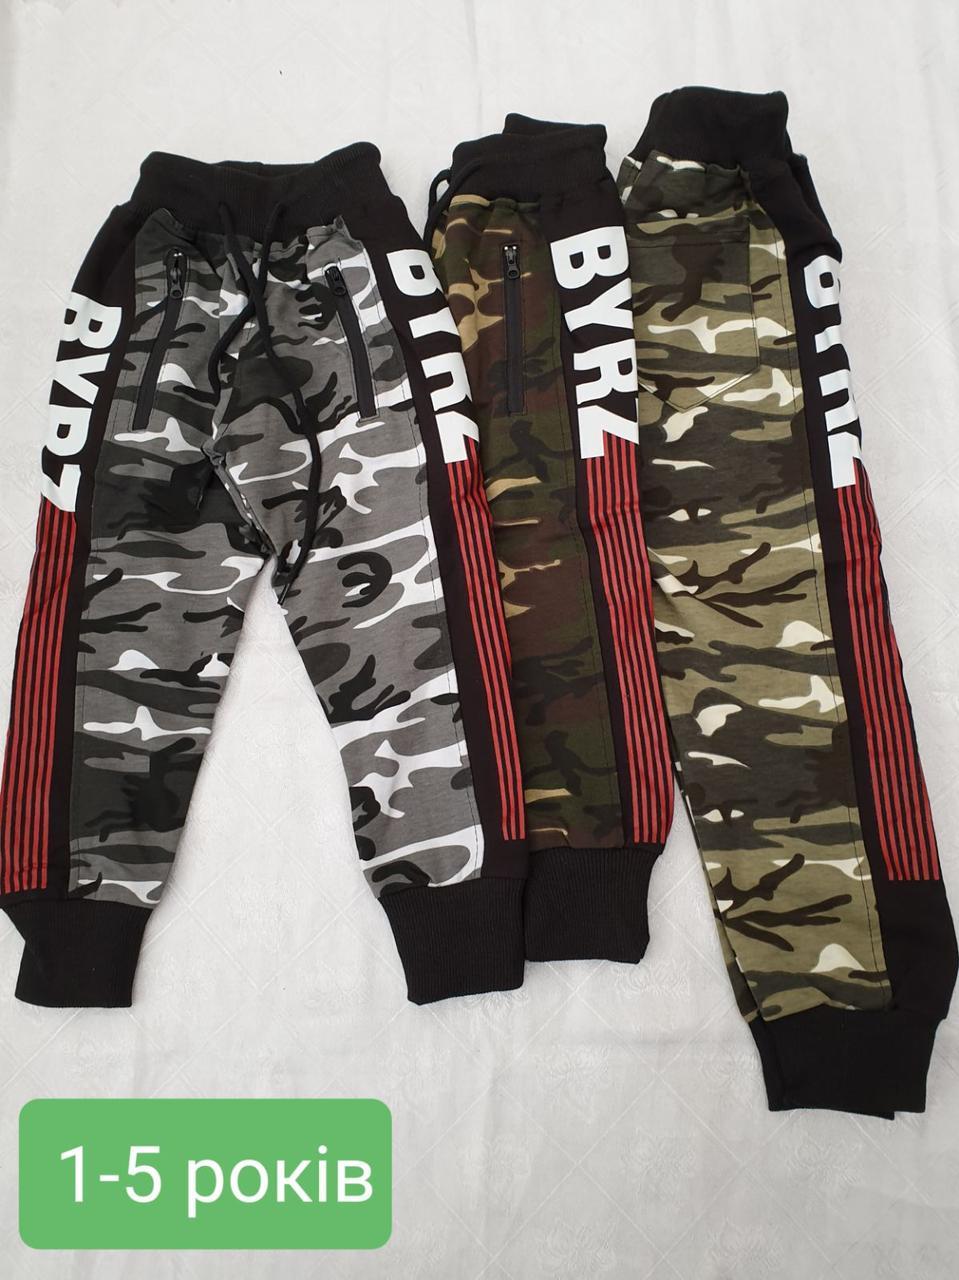 Спортивные камуфляжные штаны для мальчиков 86,92,98,104,110 роста